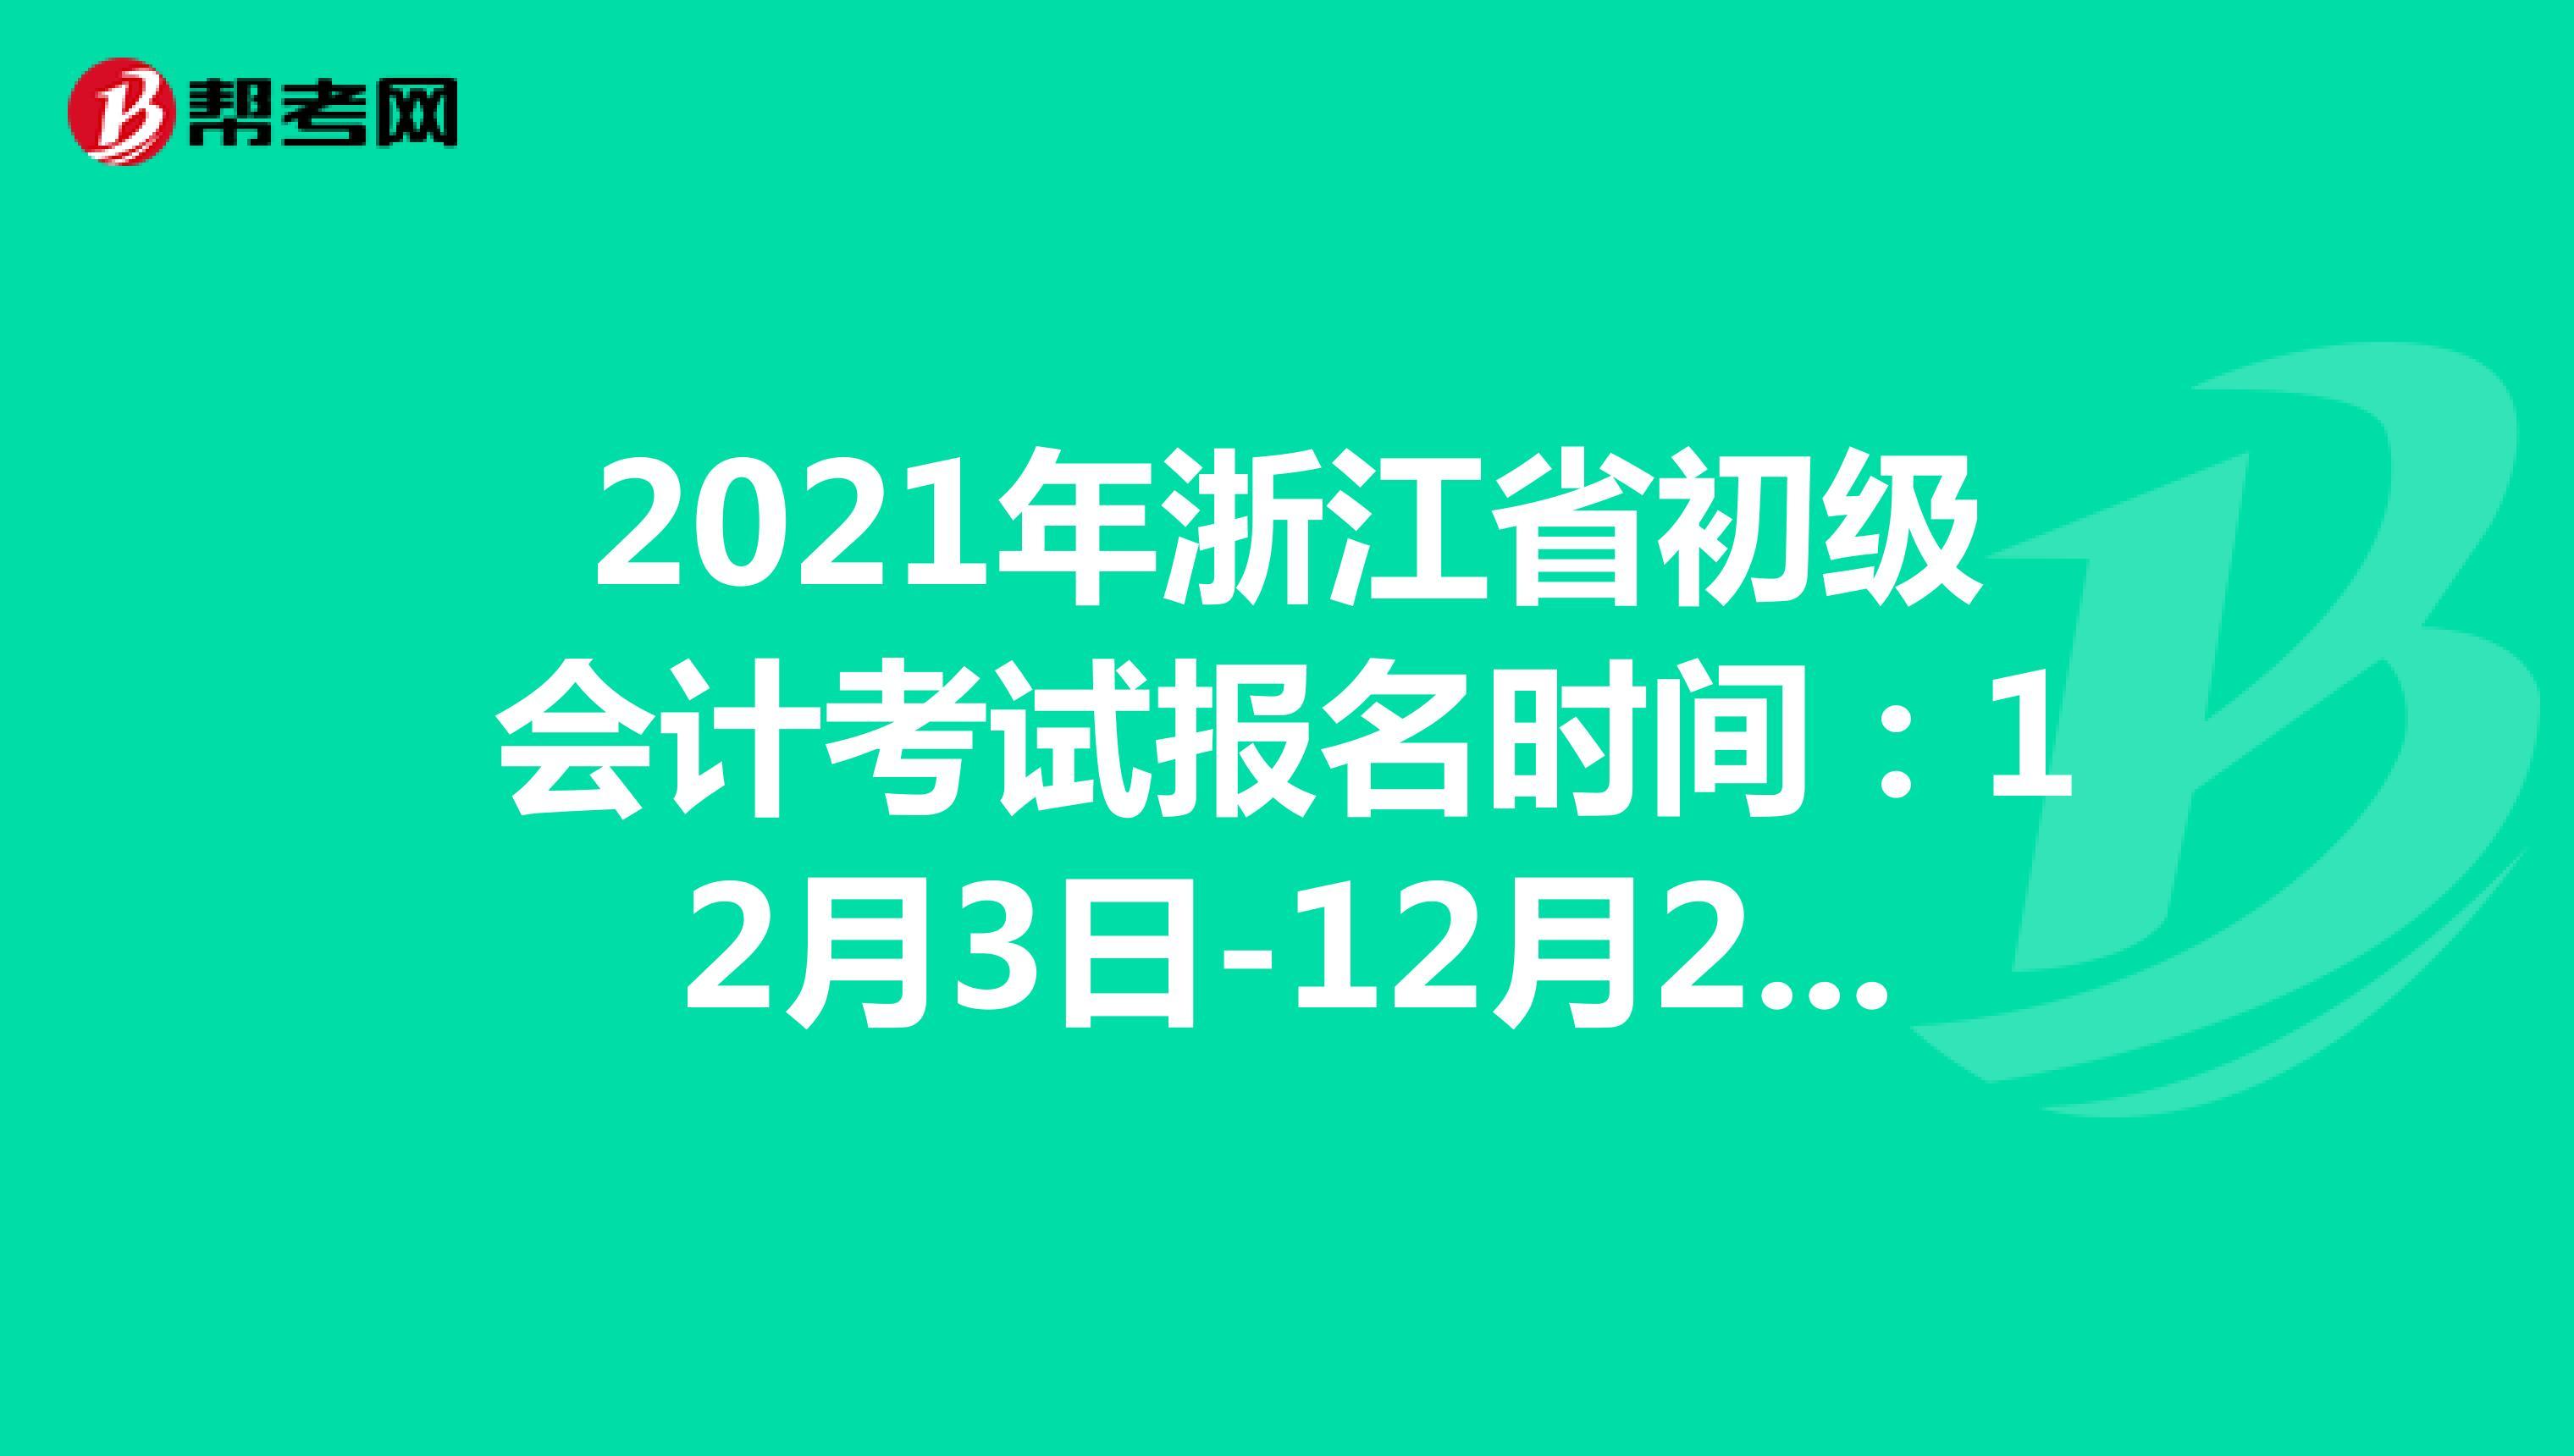 2021年浙江省初级会计考试报名时间:12月3日-12月25日